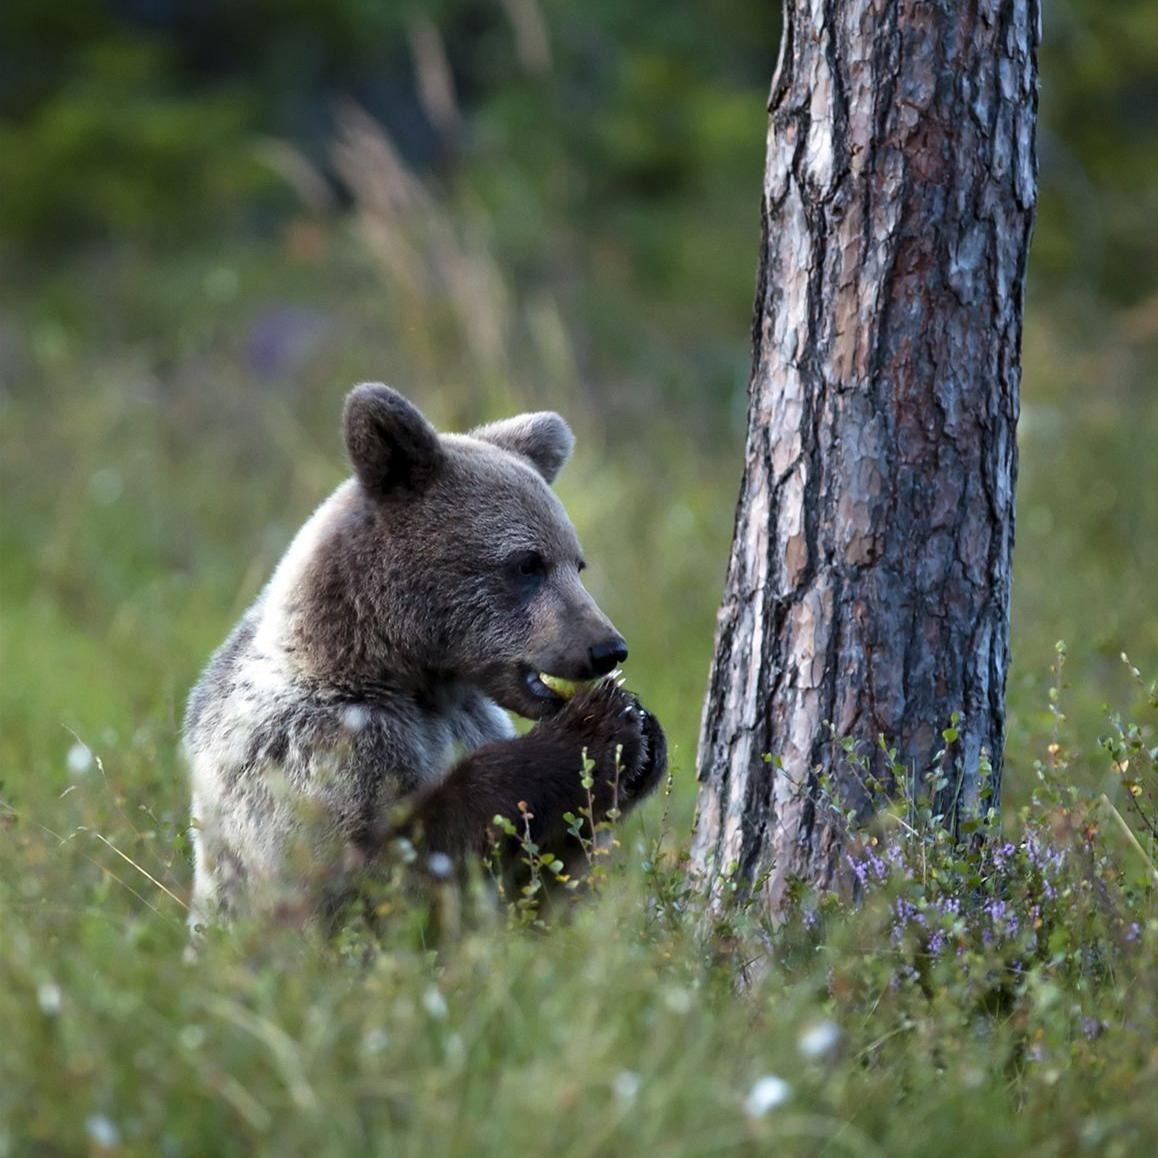 Håkan Vargas S,  © Håkan Vargas S., Mindre björnar verkar använda tassarna i större utsträckning när de äter.